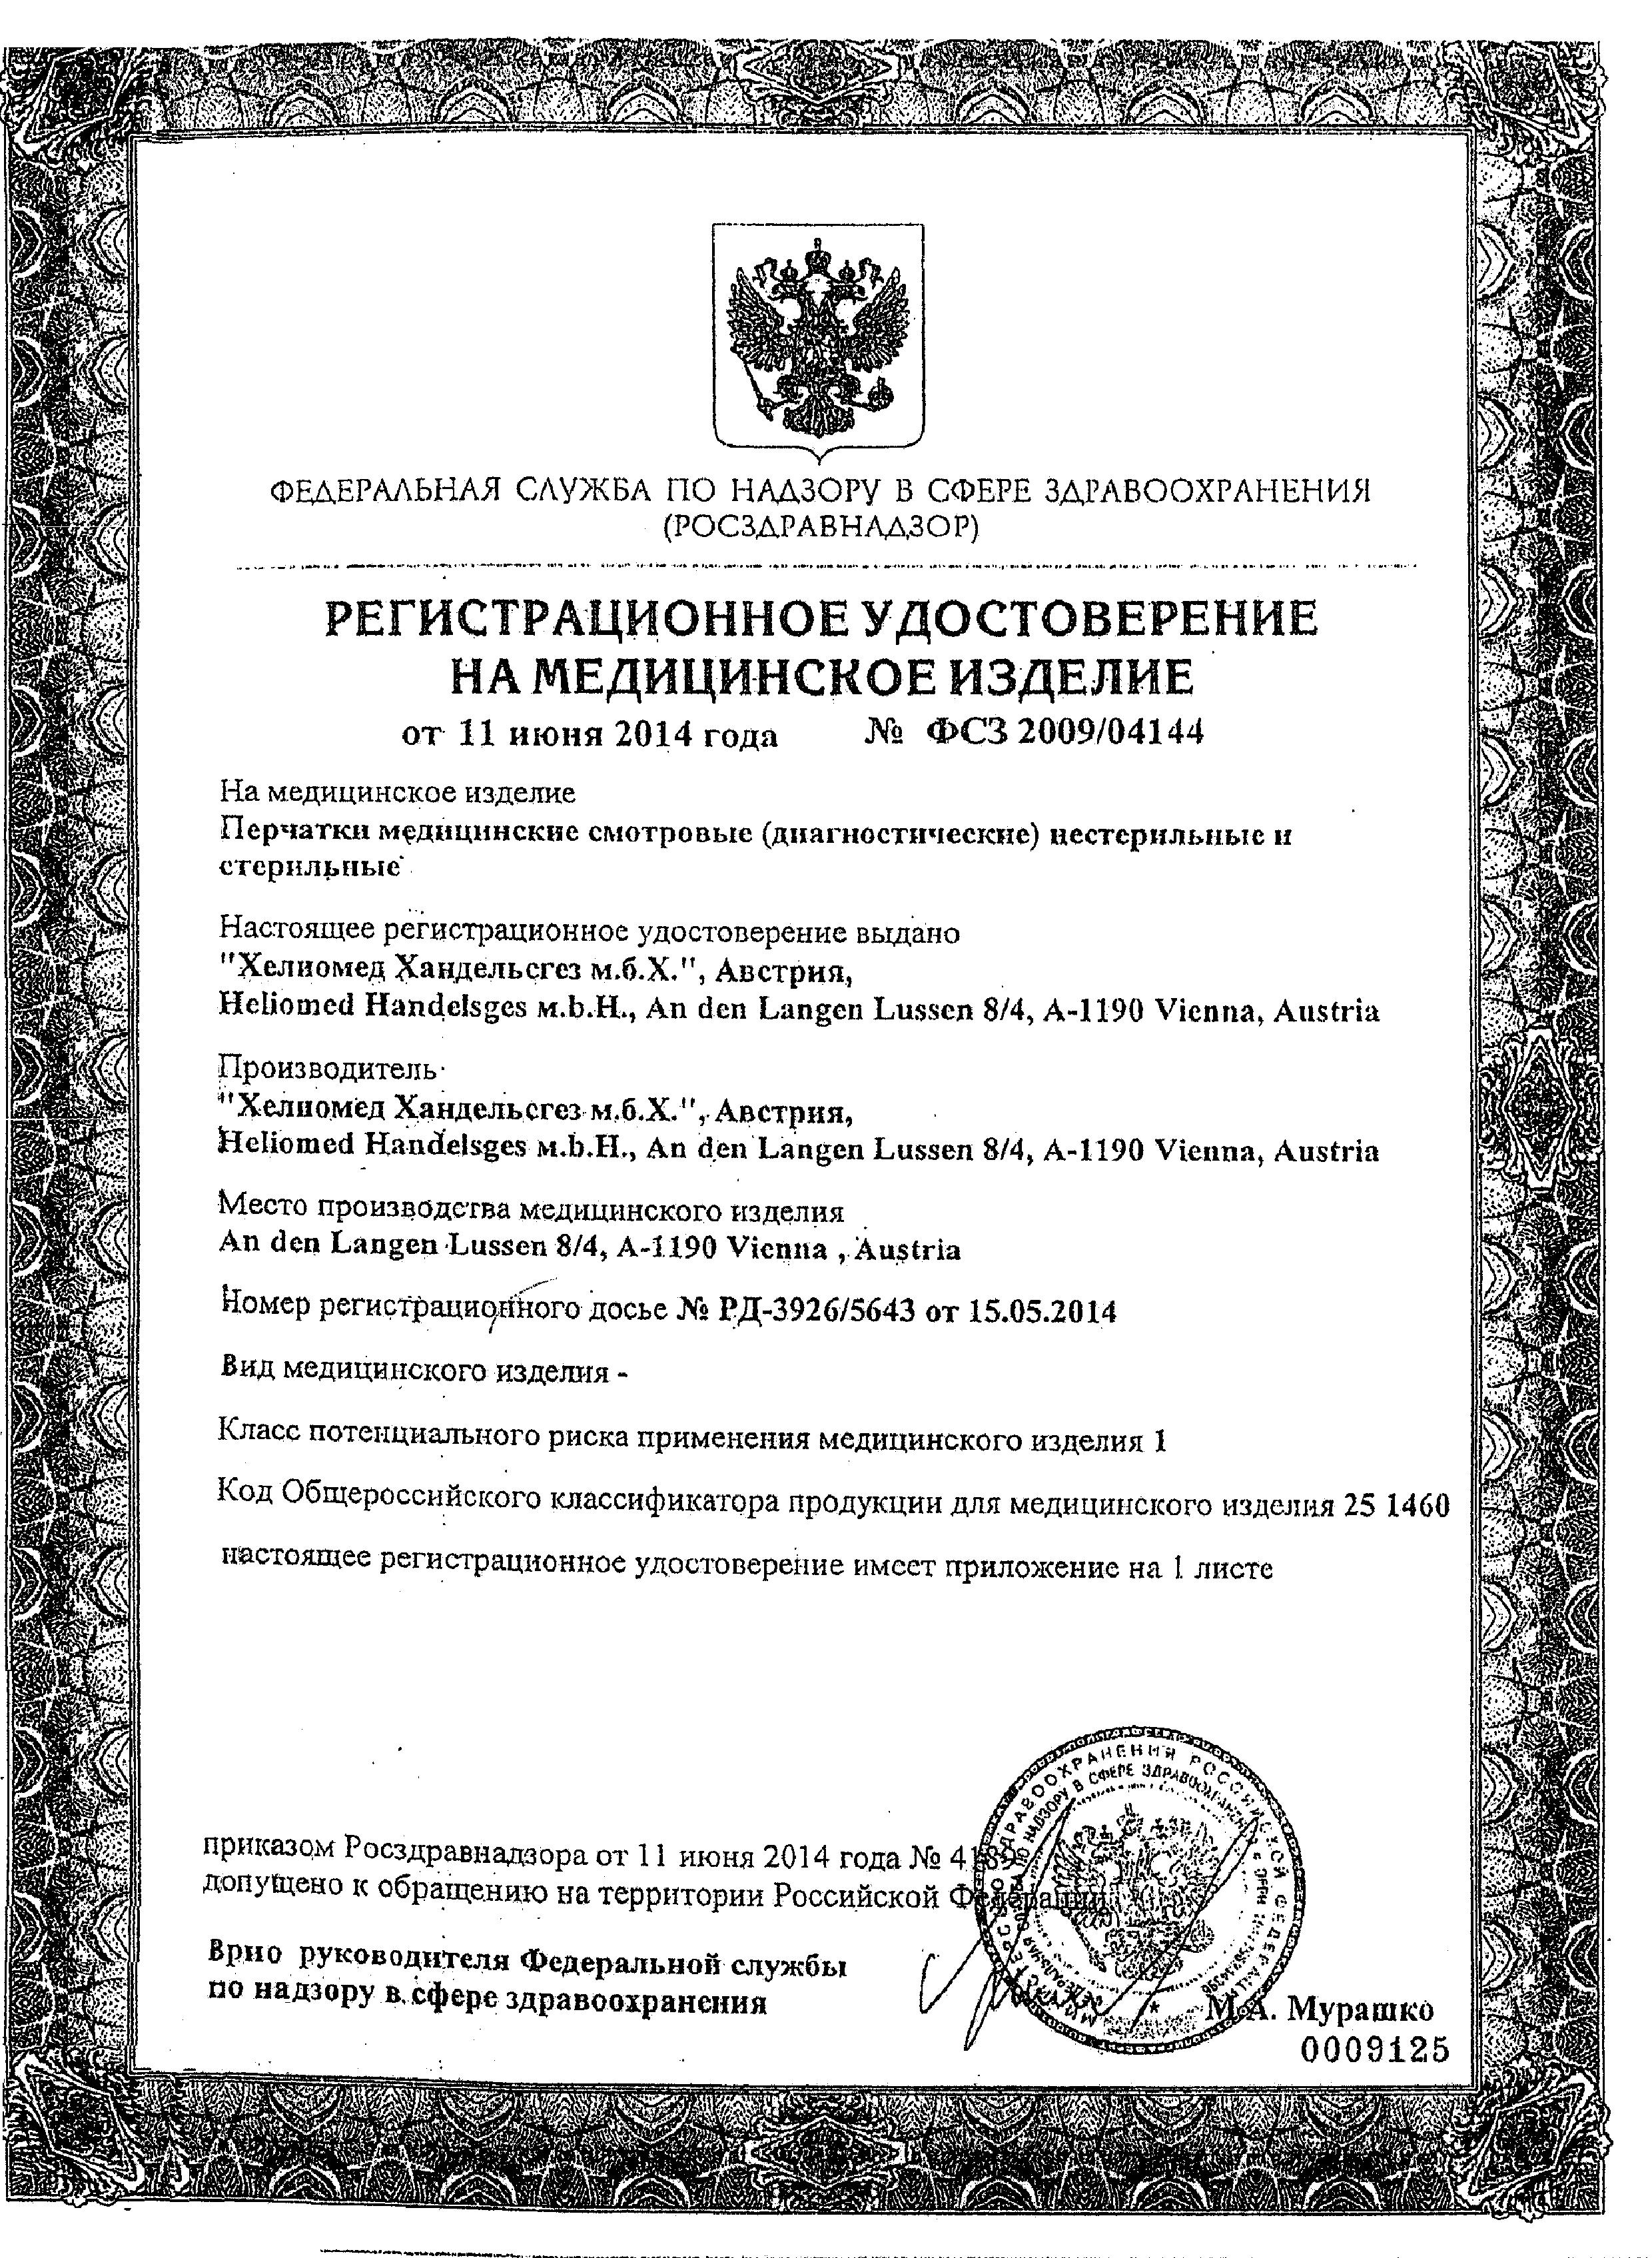 Перчатки смотровые медицинские виниловые неопудренные Manual SV609 сертификат